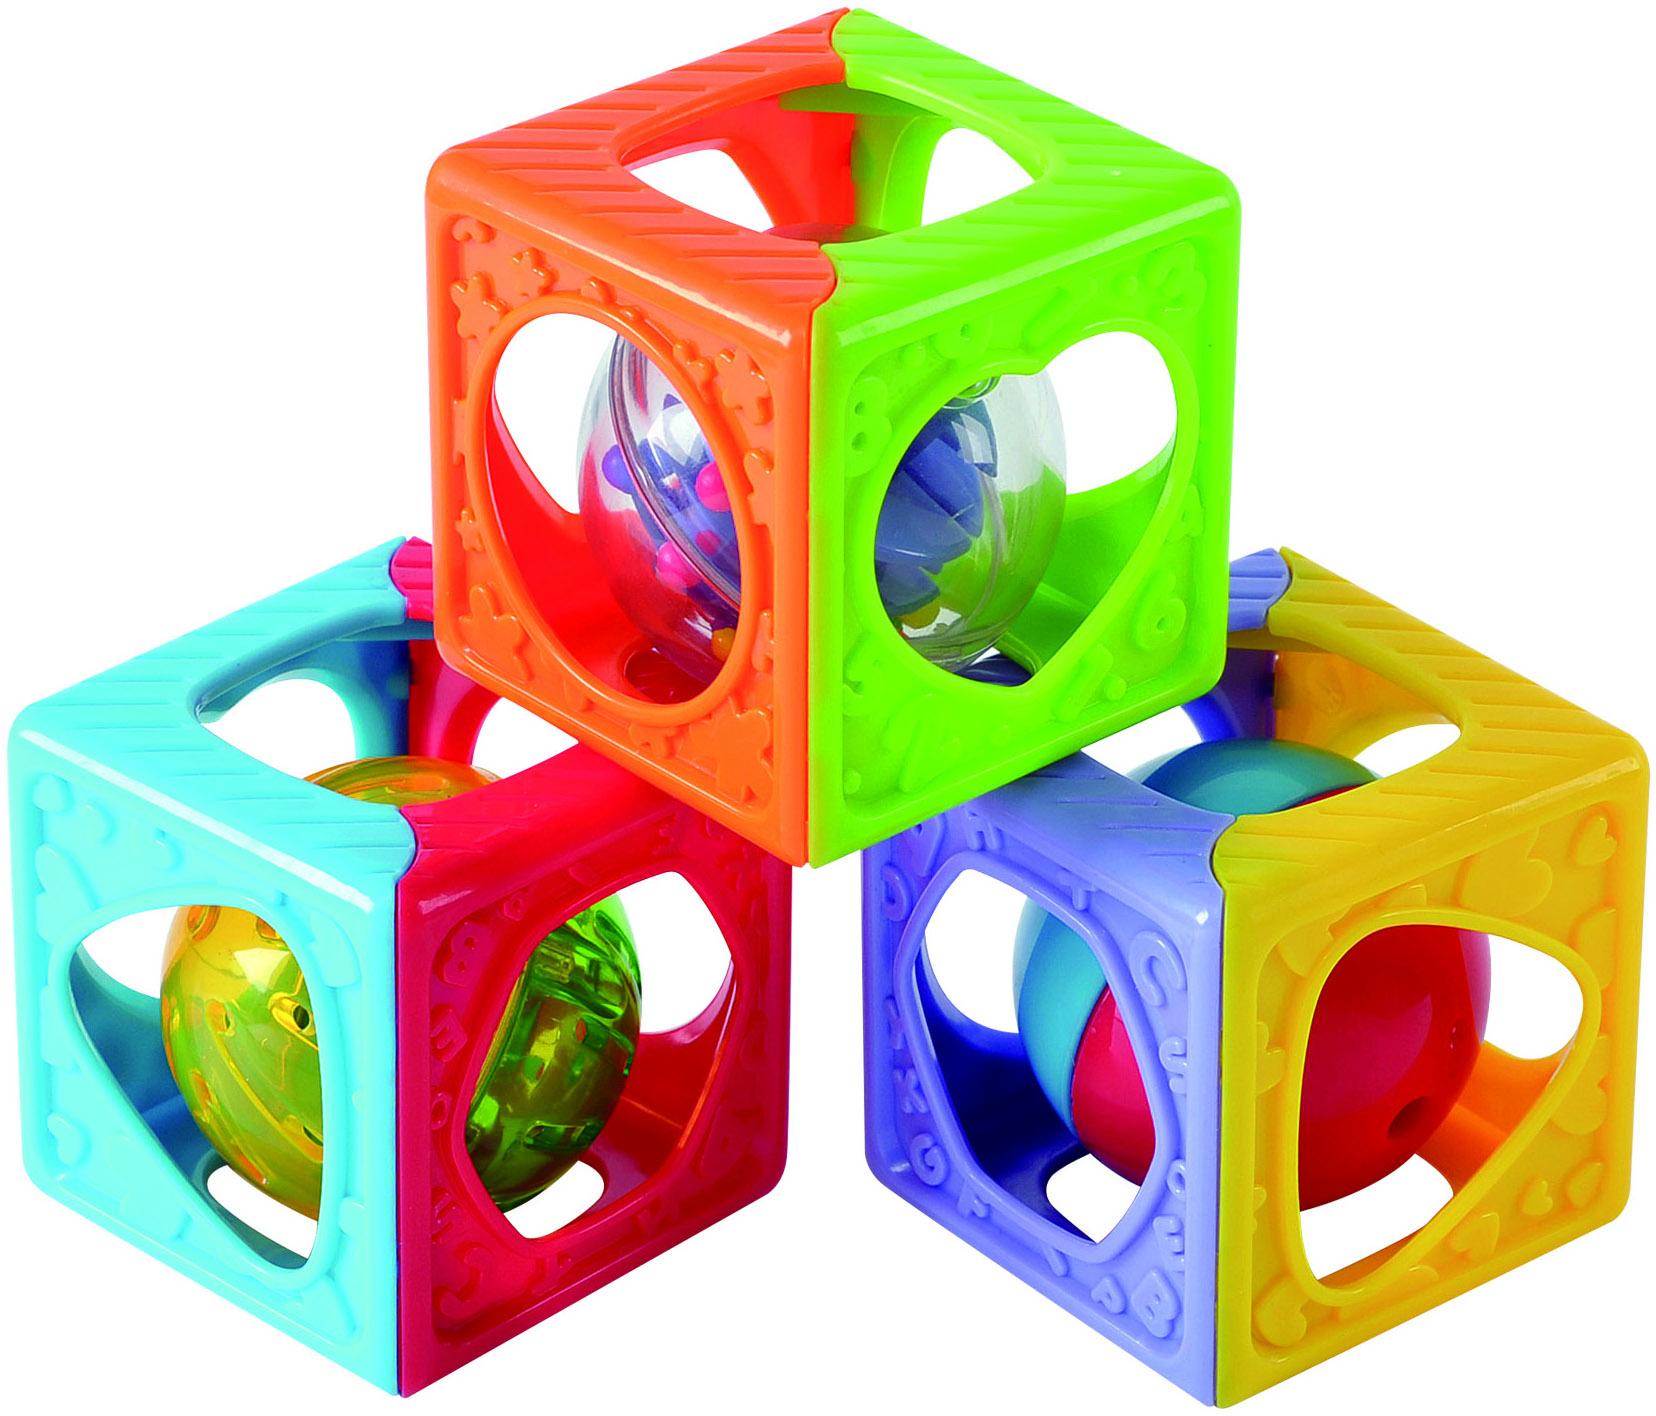 Развивающие игрушки PLAYGO Игровой центр Playgo «Забавные кубики-погремушка» развивающий центр playgo для самых маленьких